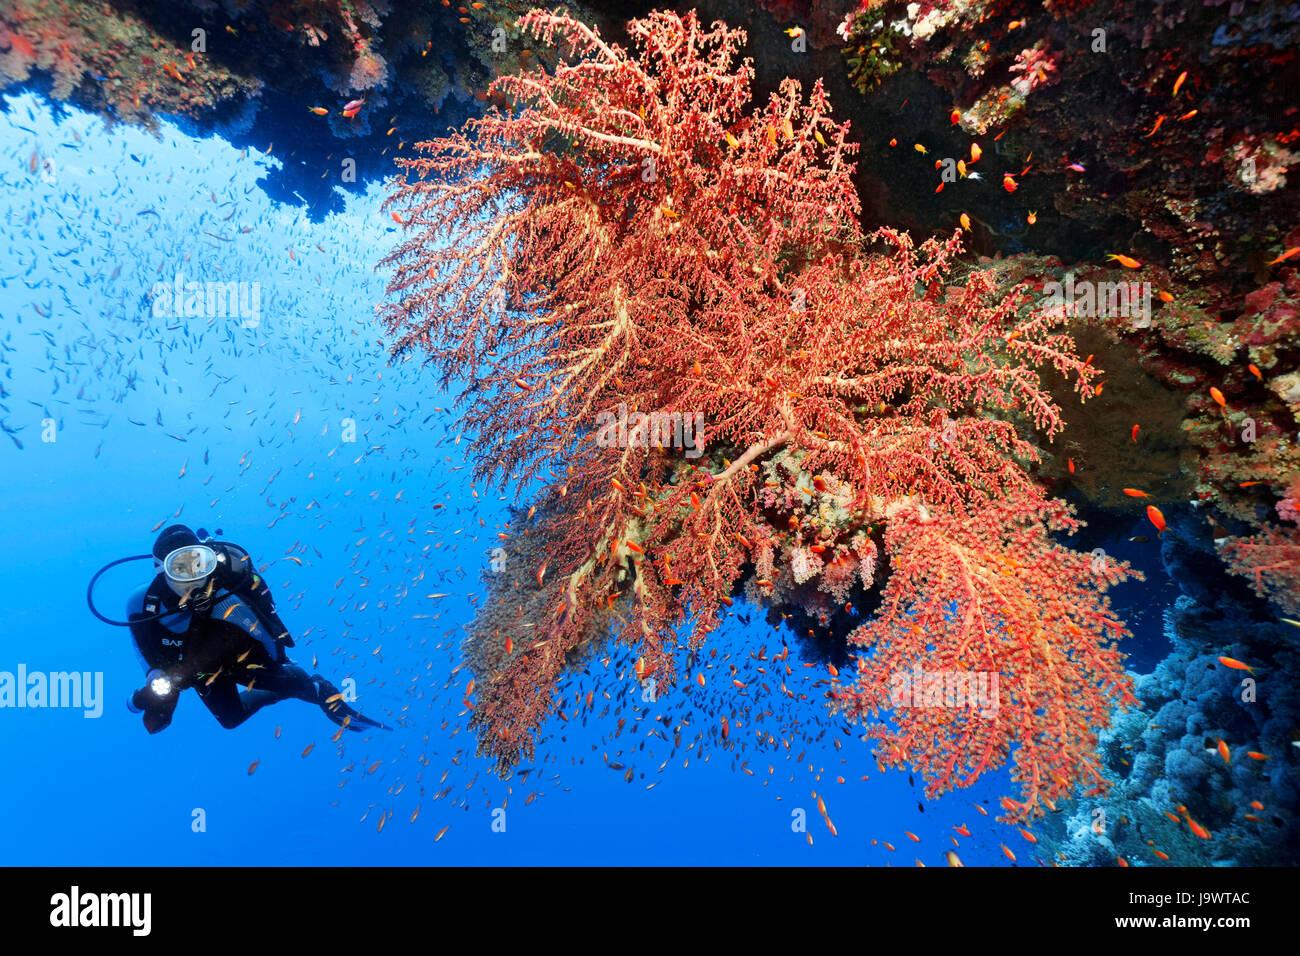 Sommozzatore guardando grandi soft coral ventola (Siphonogorgia godeffroyi) Mar Rosso, Egitto Immagini Stock